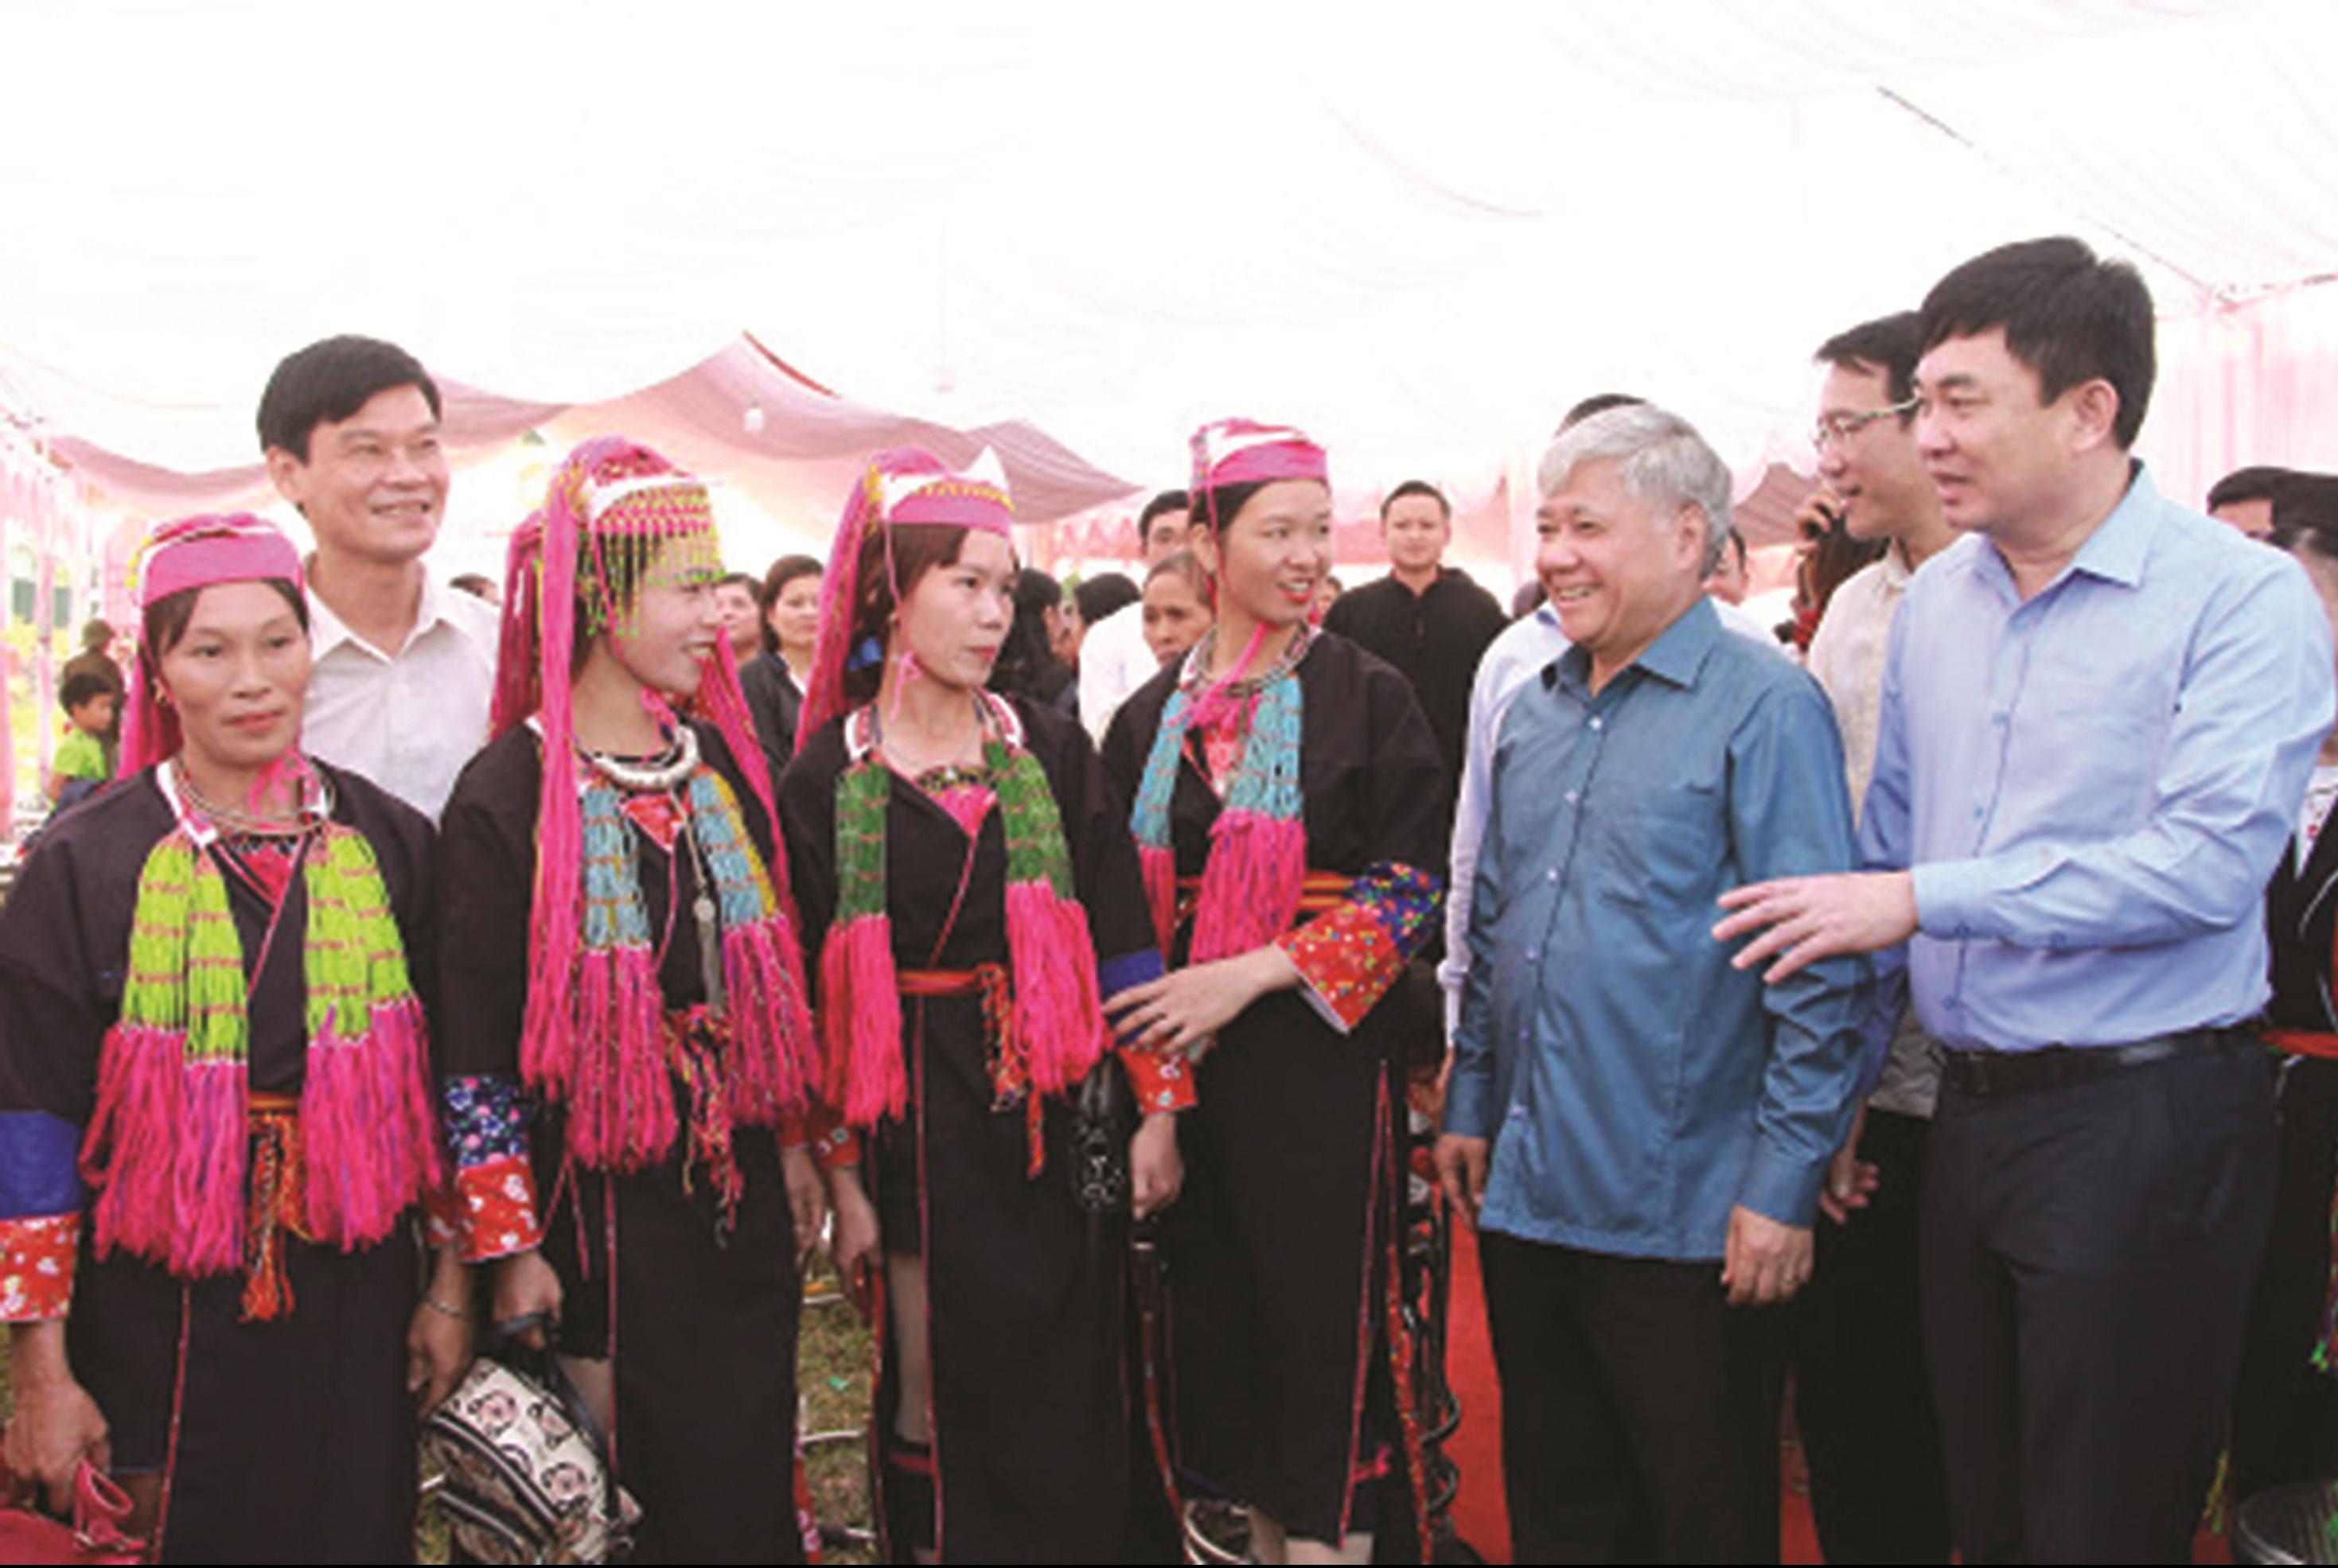 Đồng chí Đỗ VănChiến trò chuyện với bà con Nhân dân xã Bình Dân, Bình Liêu, Quảng Ninh (năm 2019).